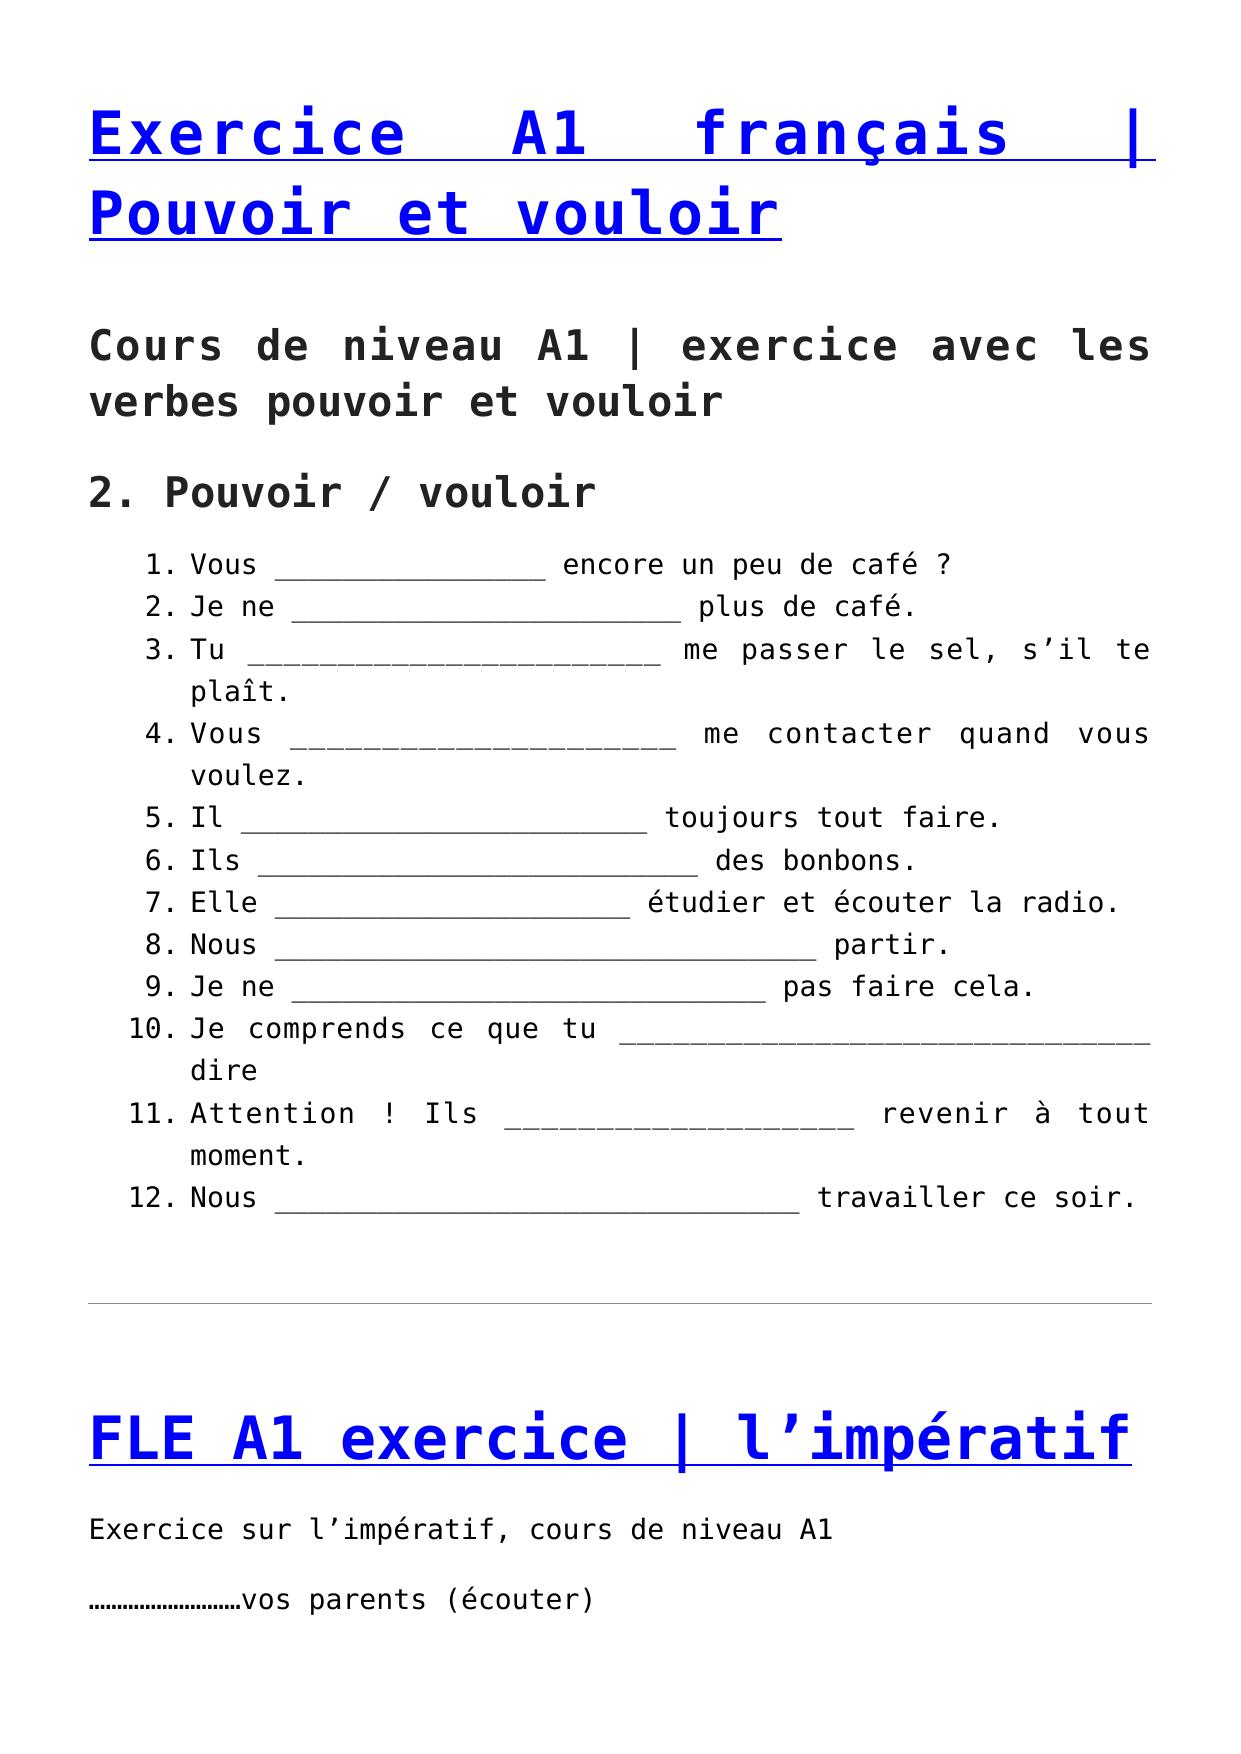 Exercice A1 français | Pouvoir et vouloir,FLE A1